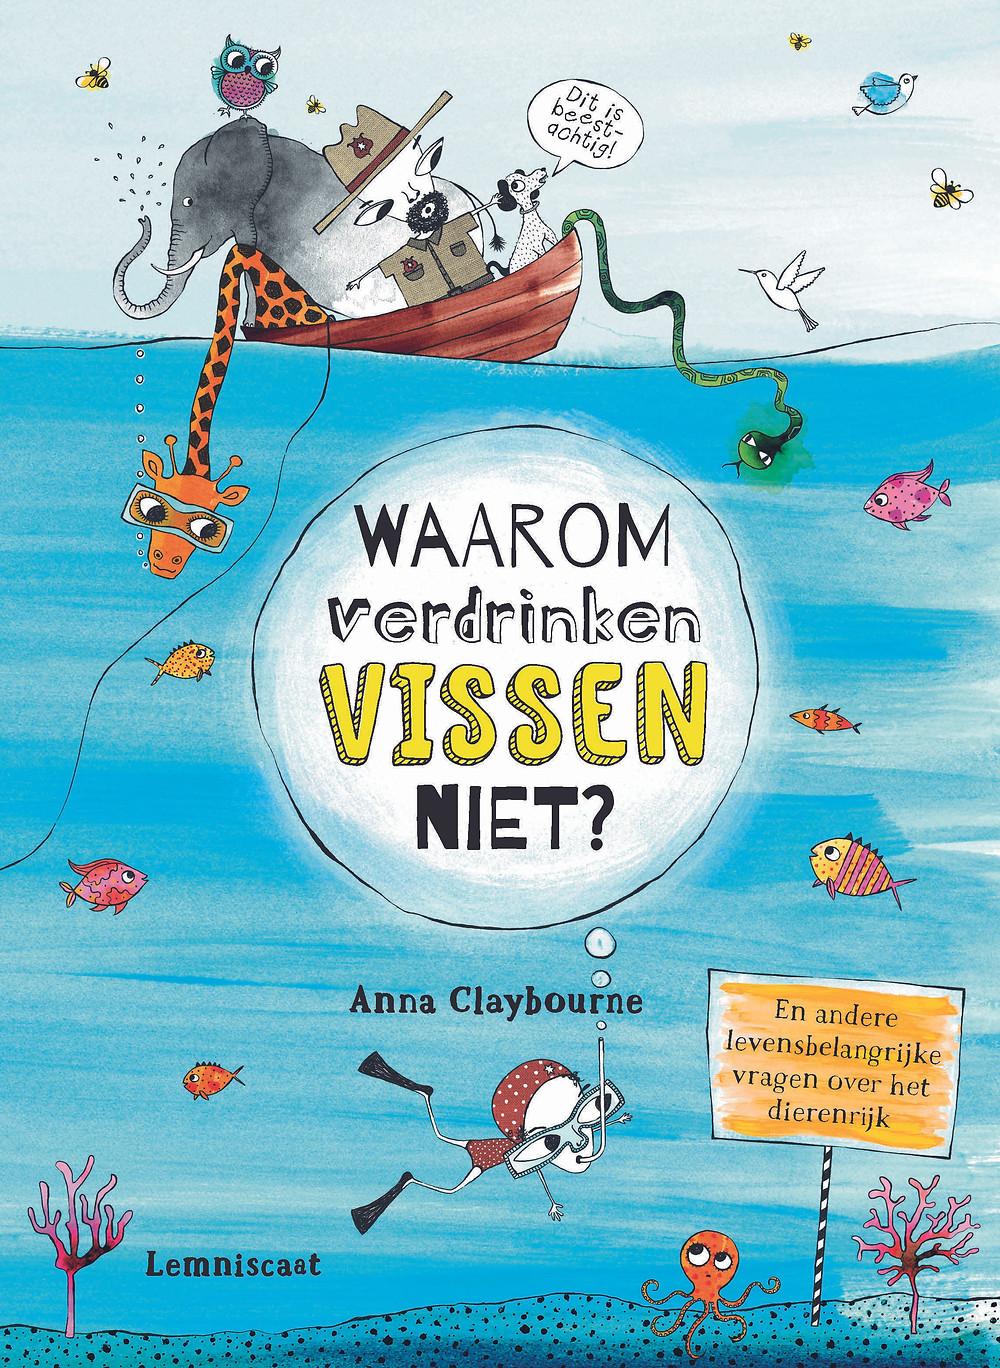 Informatieboek waarom verdrinken vissen niet?